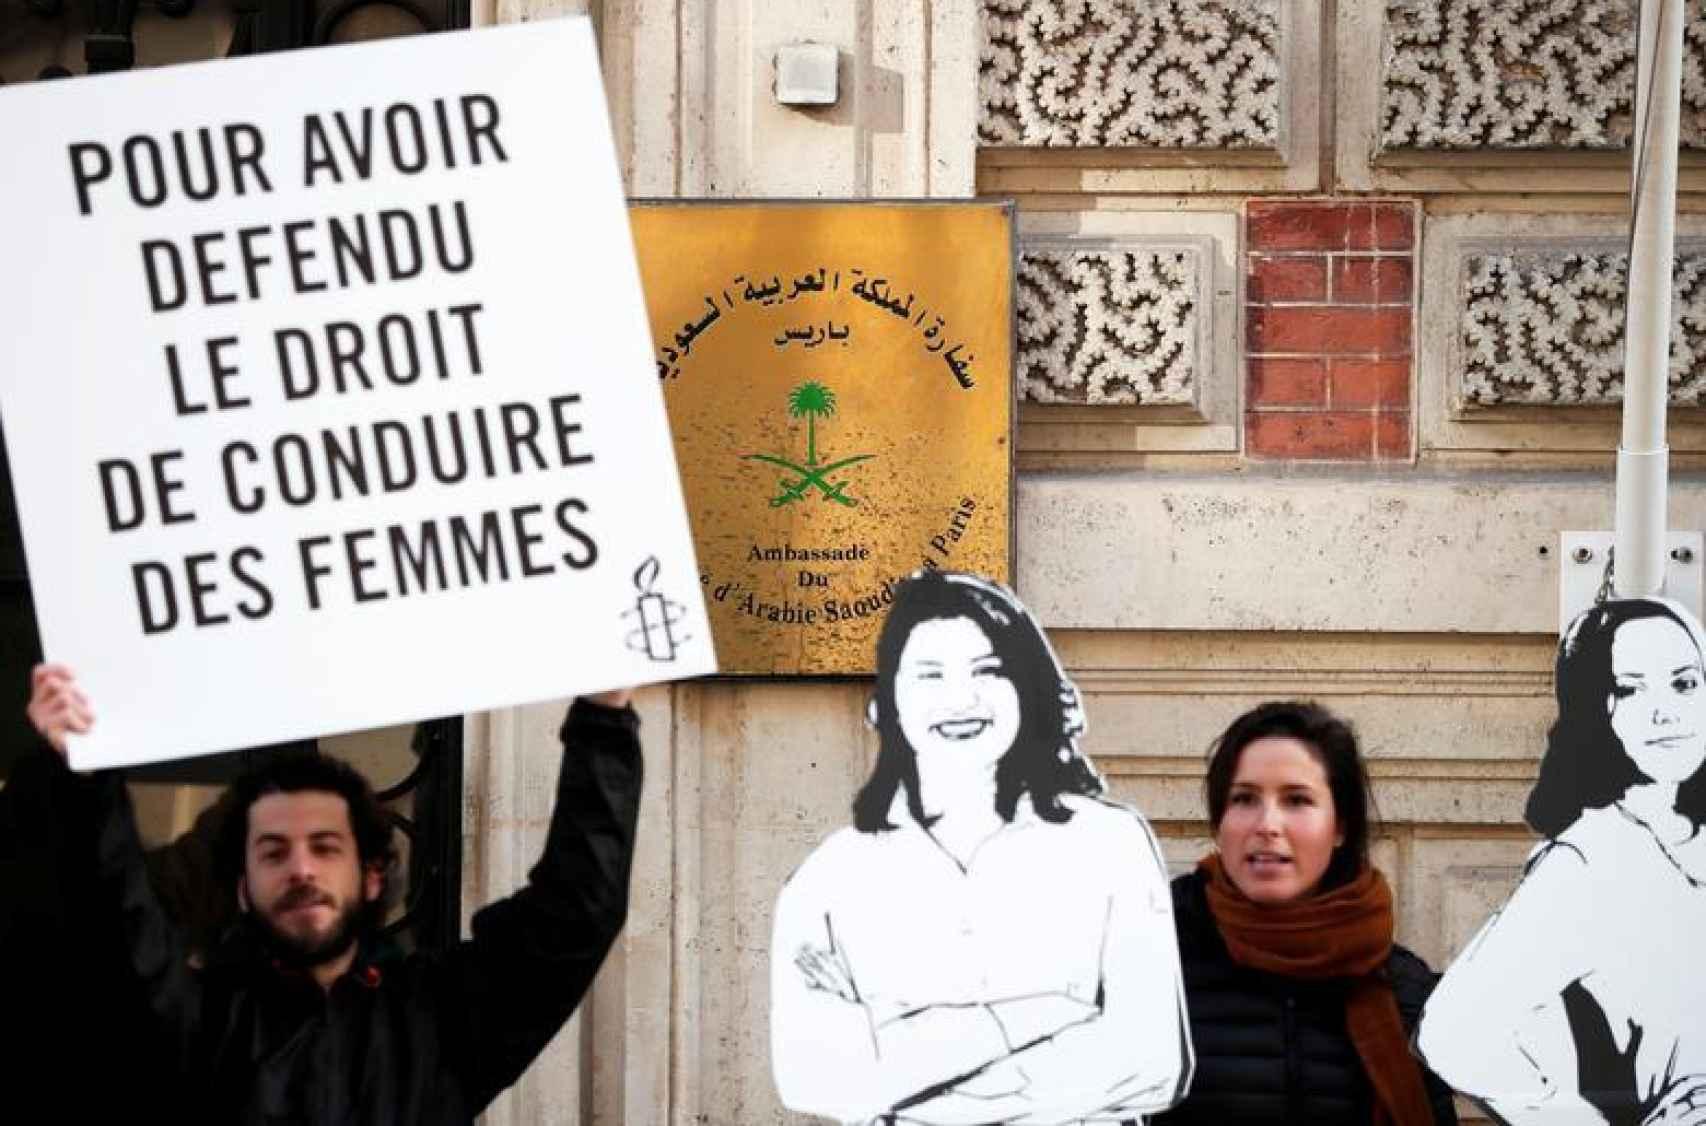 Manifestantes de Amnistía Internacional sostienen pancartas frente a la embajada de Arabia Saudita en París durante el 8-M de 2019 para protestar contra las detenciones de las activistas Loujain al-Hathloul, Eman al-Nafjan y Aziza al-Yousef.